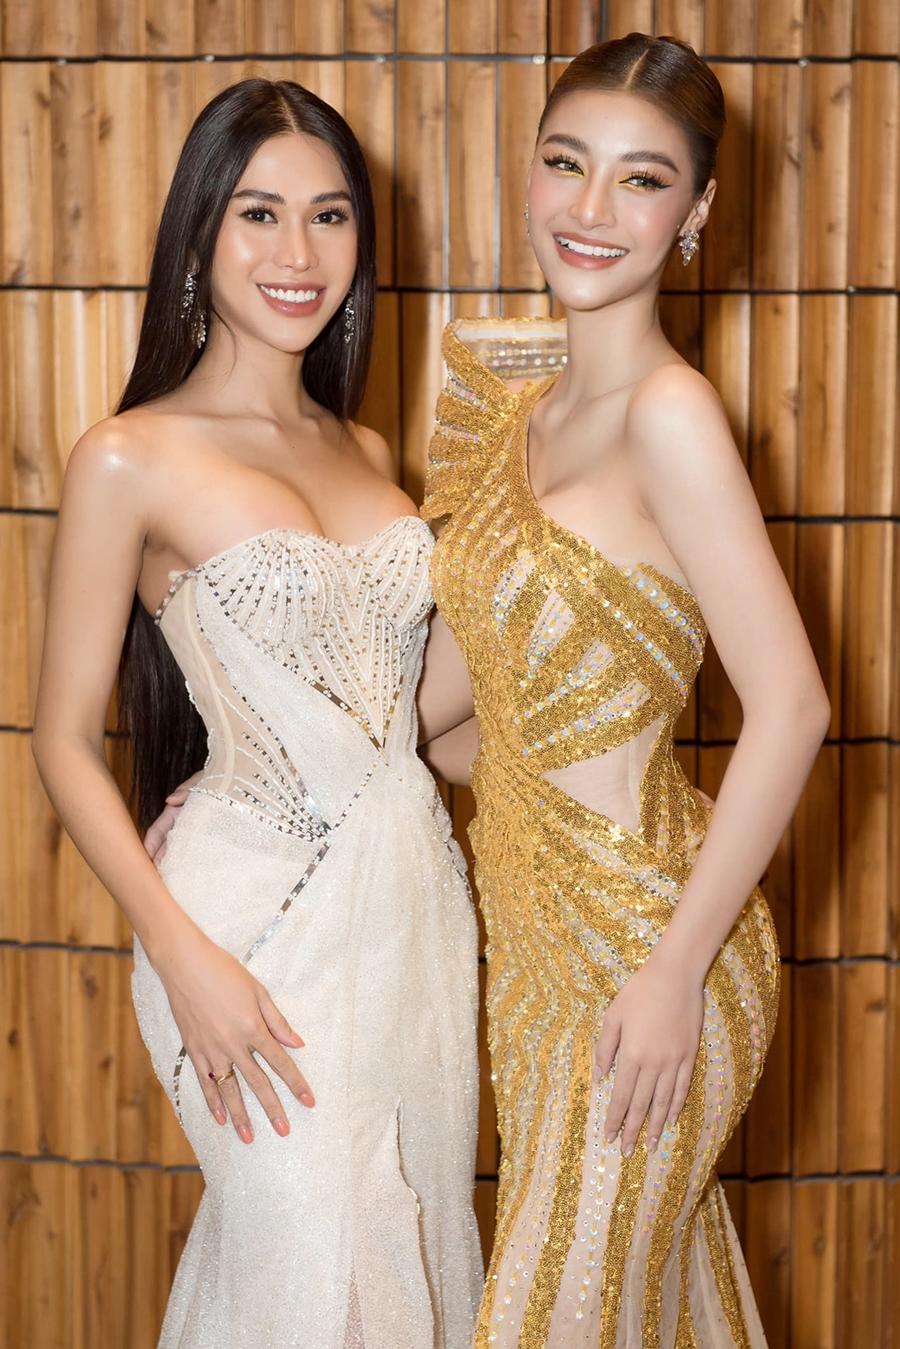 Đại Dương đọ dáng bên huấn luyện viên Kiều Loan khi tham gia gala Ngôi sao của năm hôm 19/1. Ảnh: Ngô Viết Đại Dương.